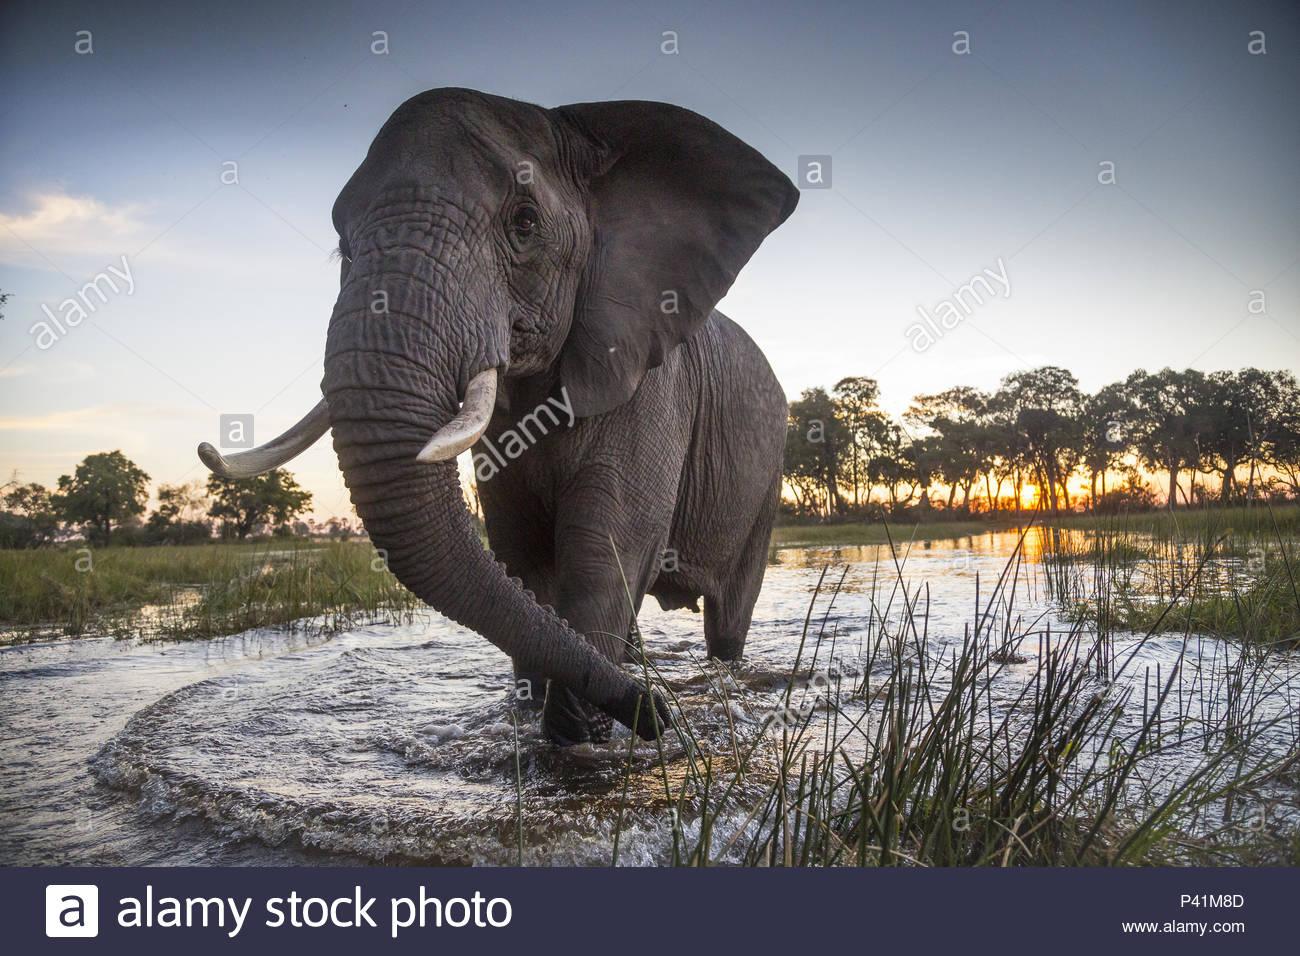 An African elephant in the Okavango Delta. - Stock Image